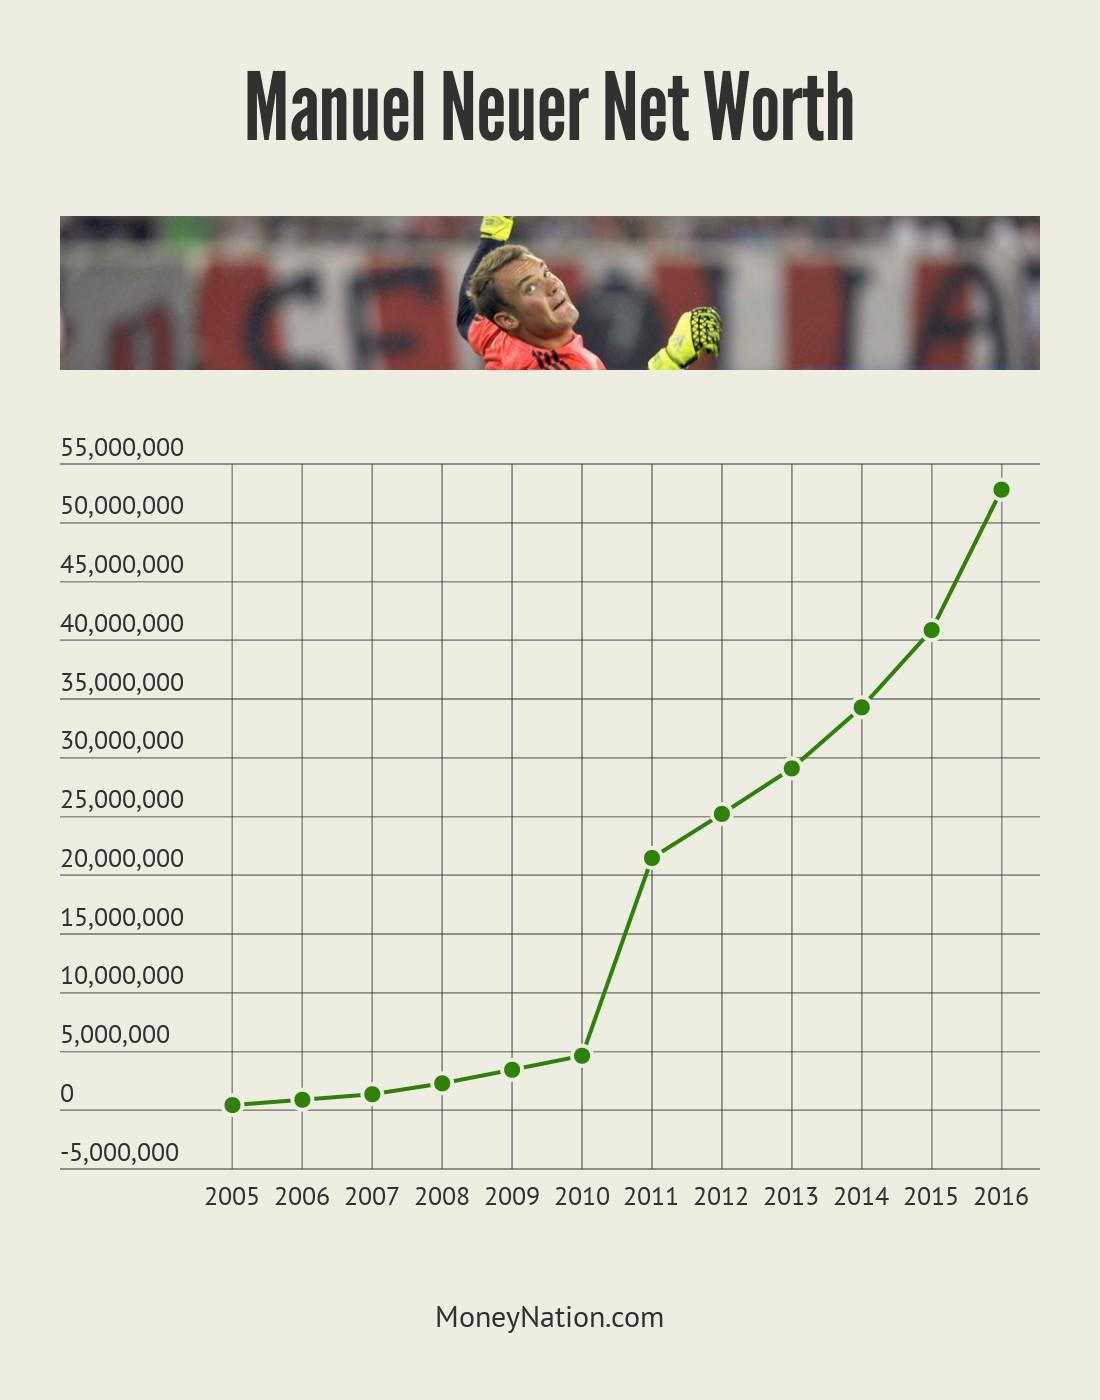 Manuel Neuer Net Worth Timeline